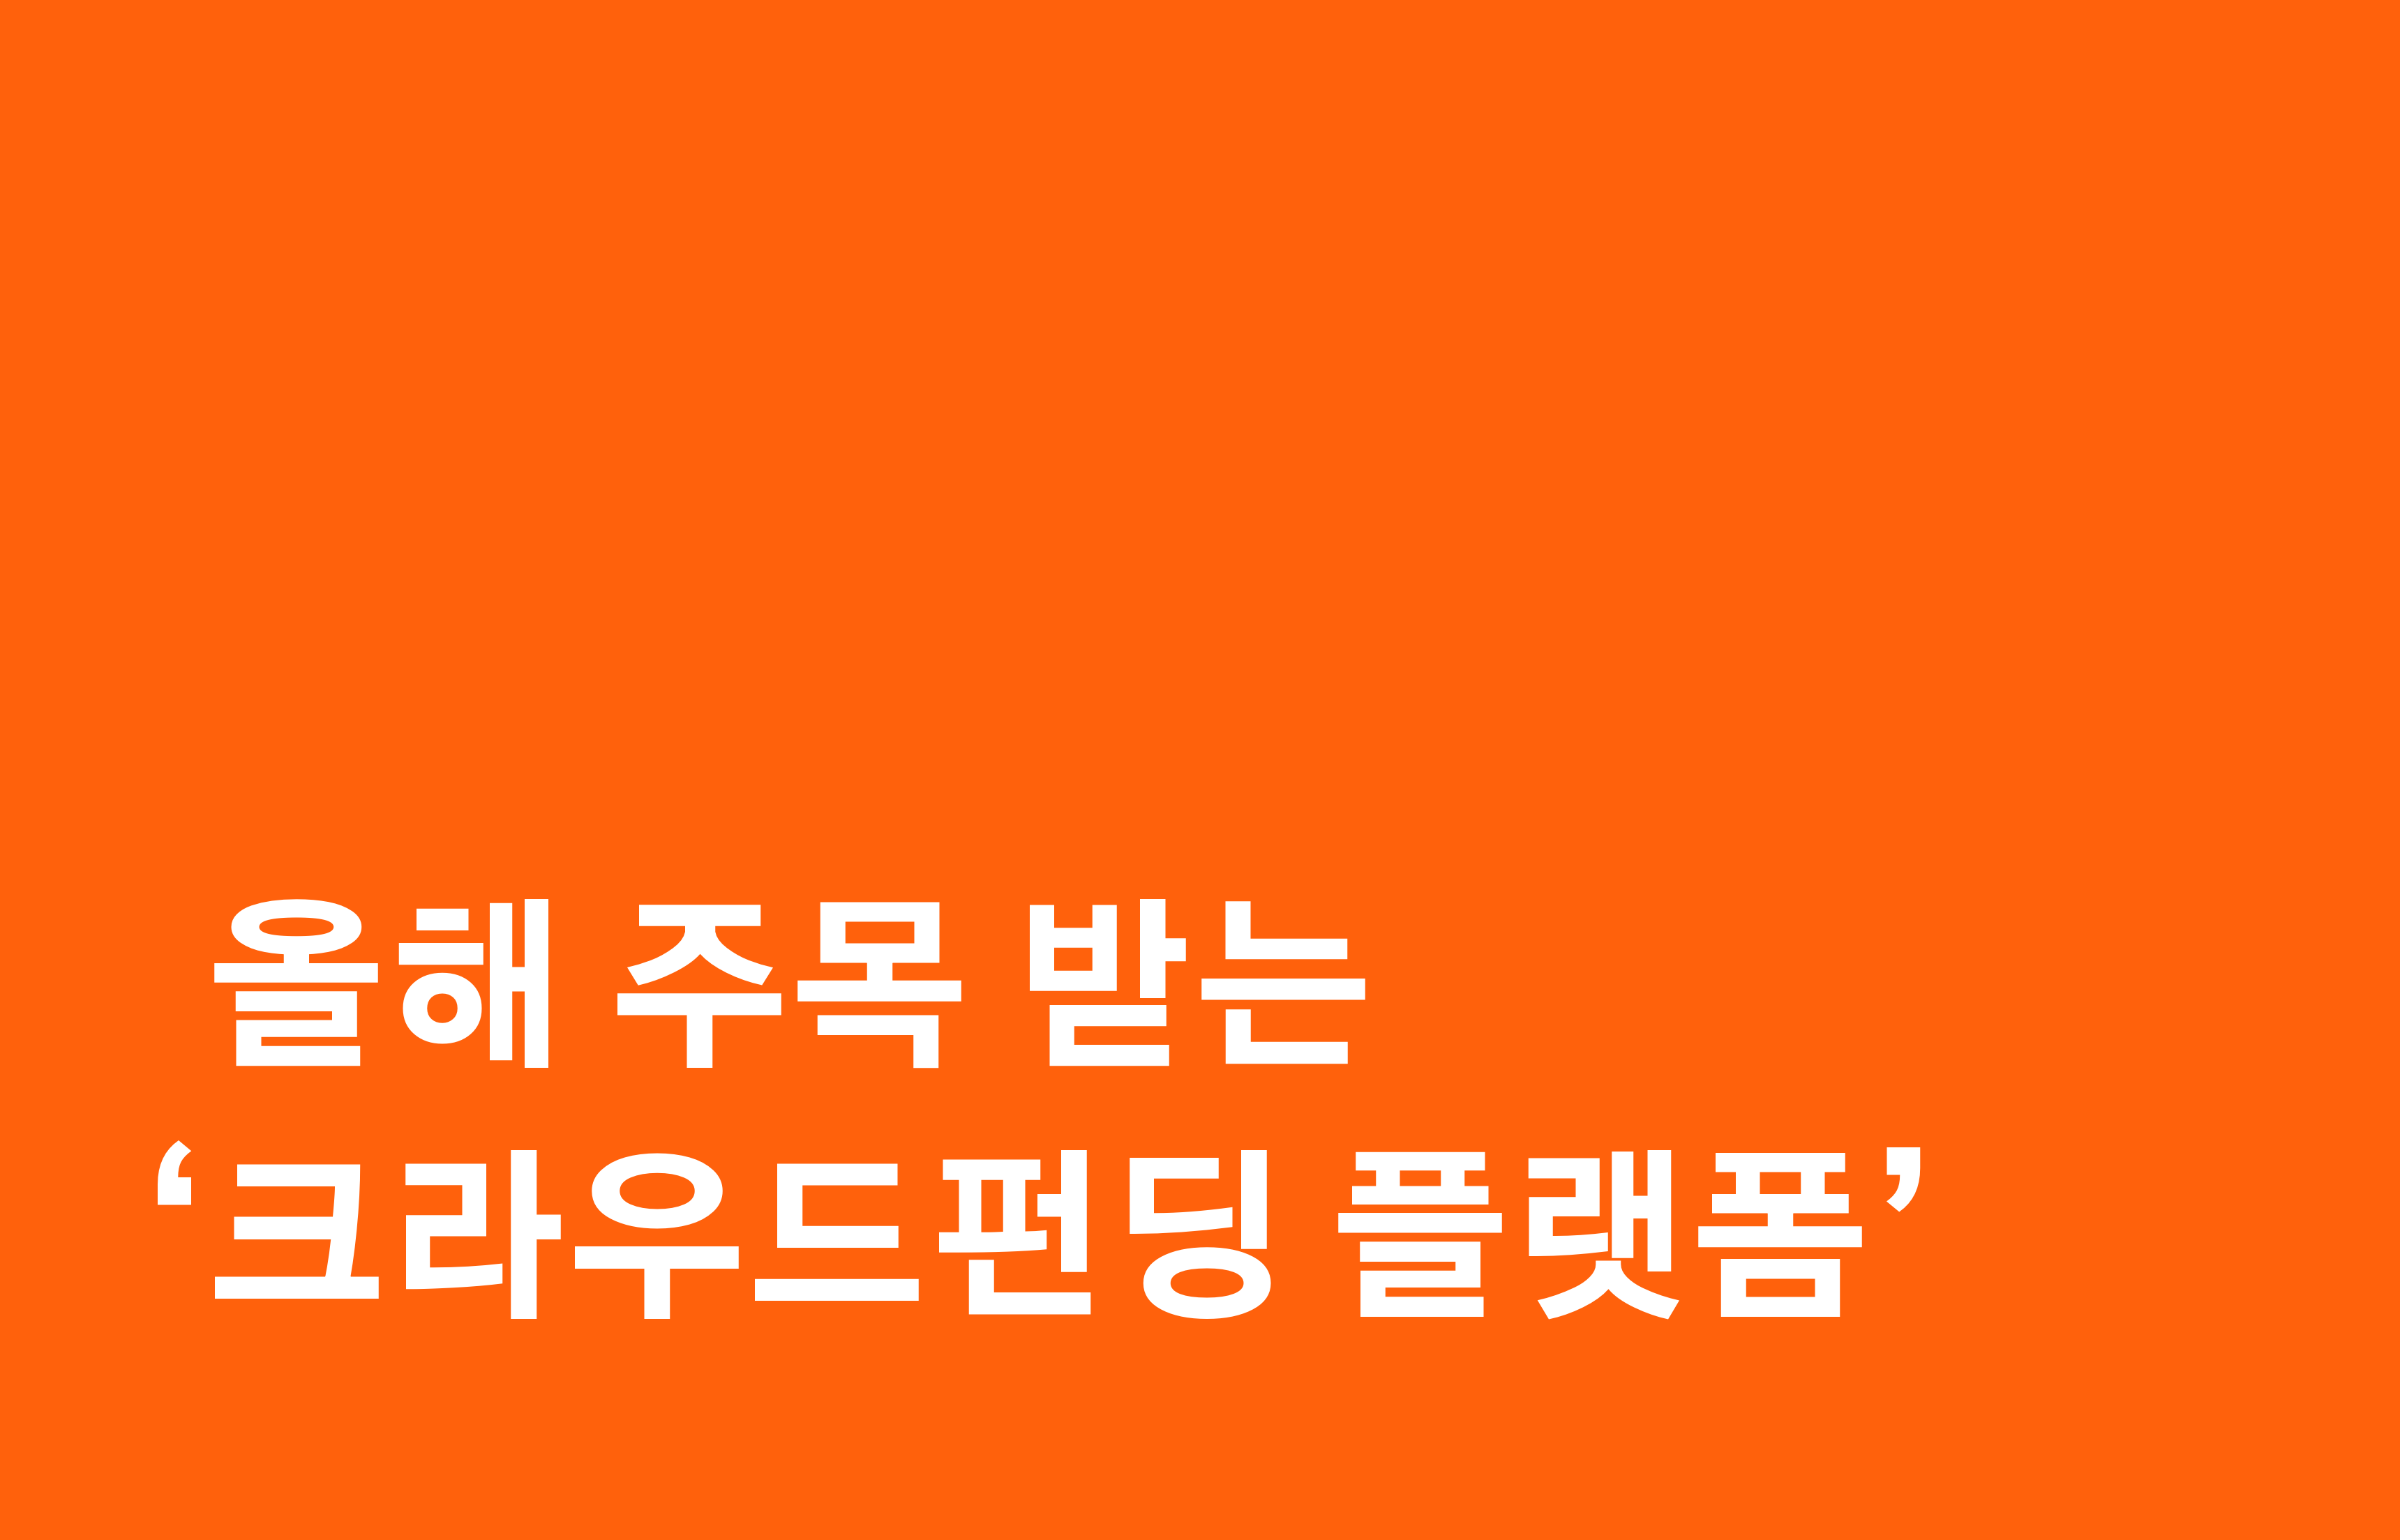 올해 주목 받는 '크라우드펀딩 플랫폼' 3곳 소개